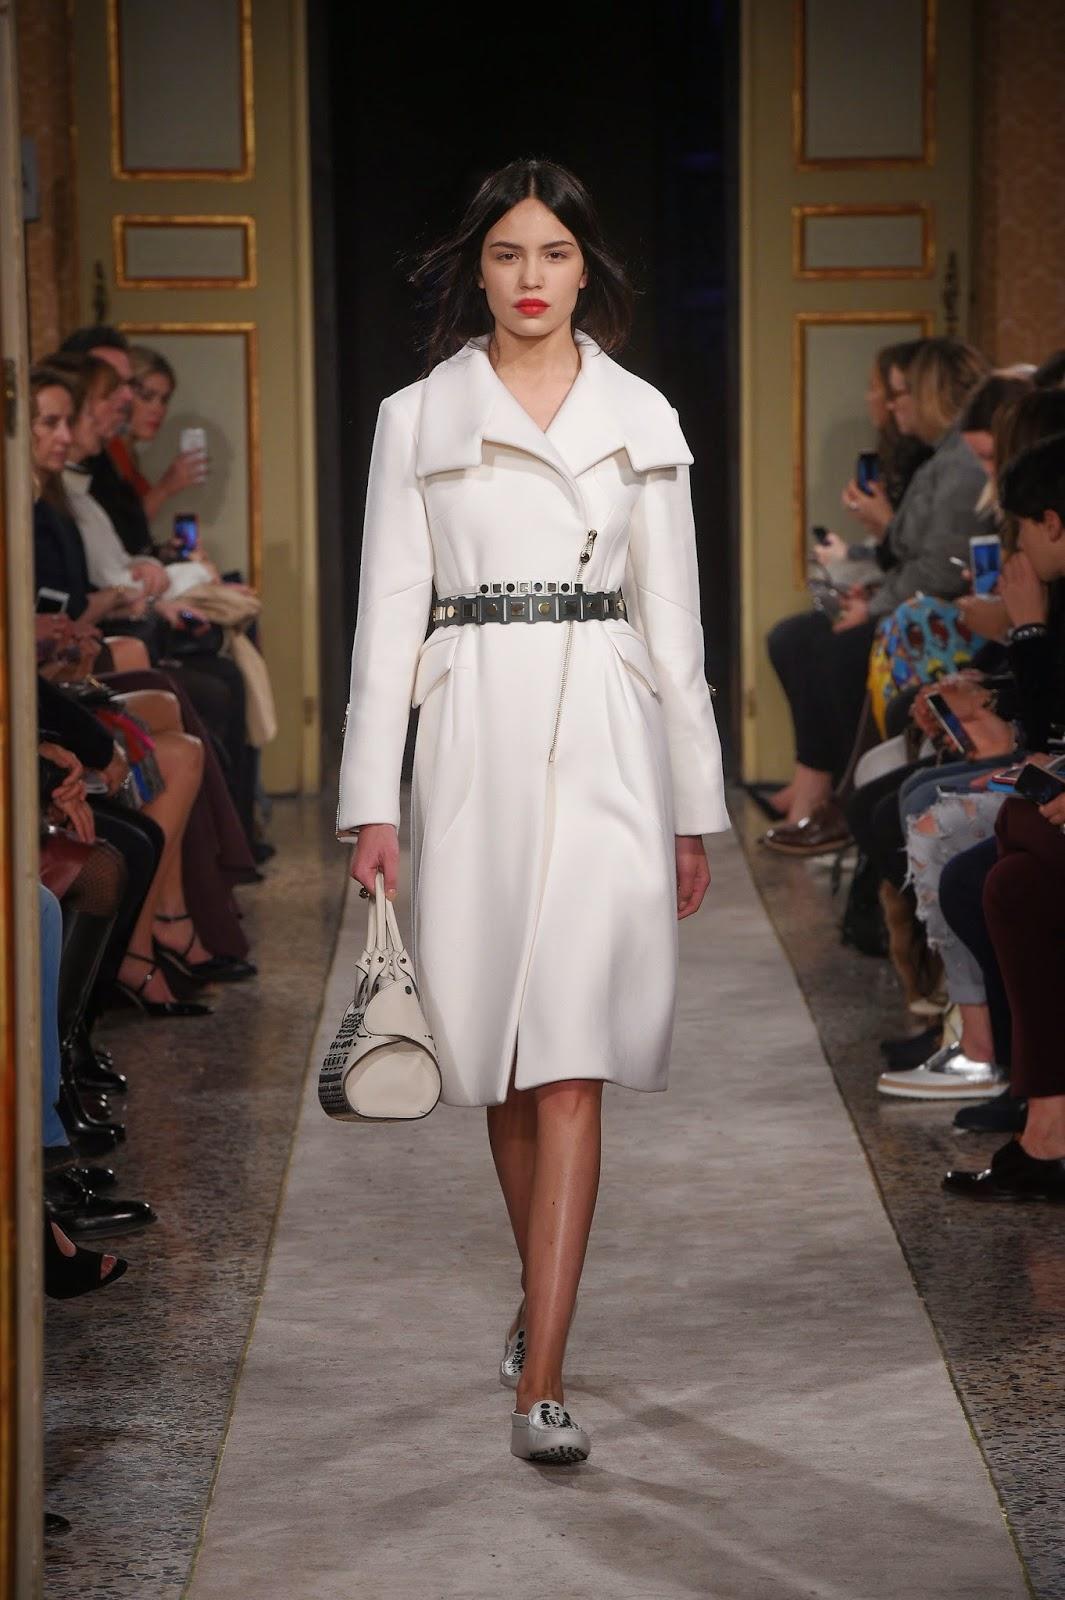 Fashionweek Milano 2015_19